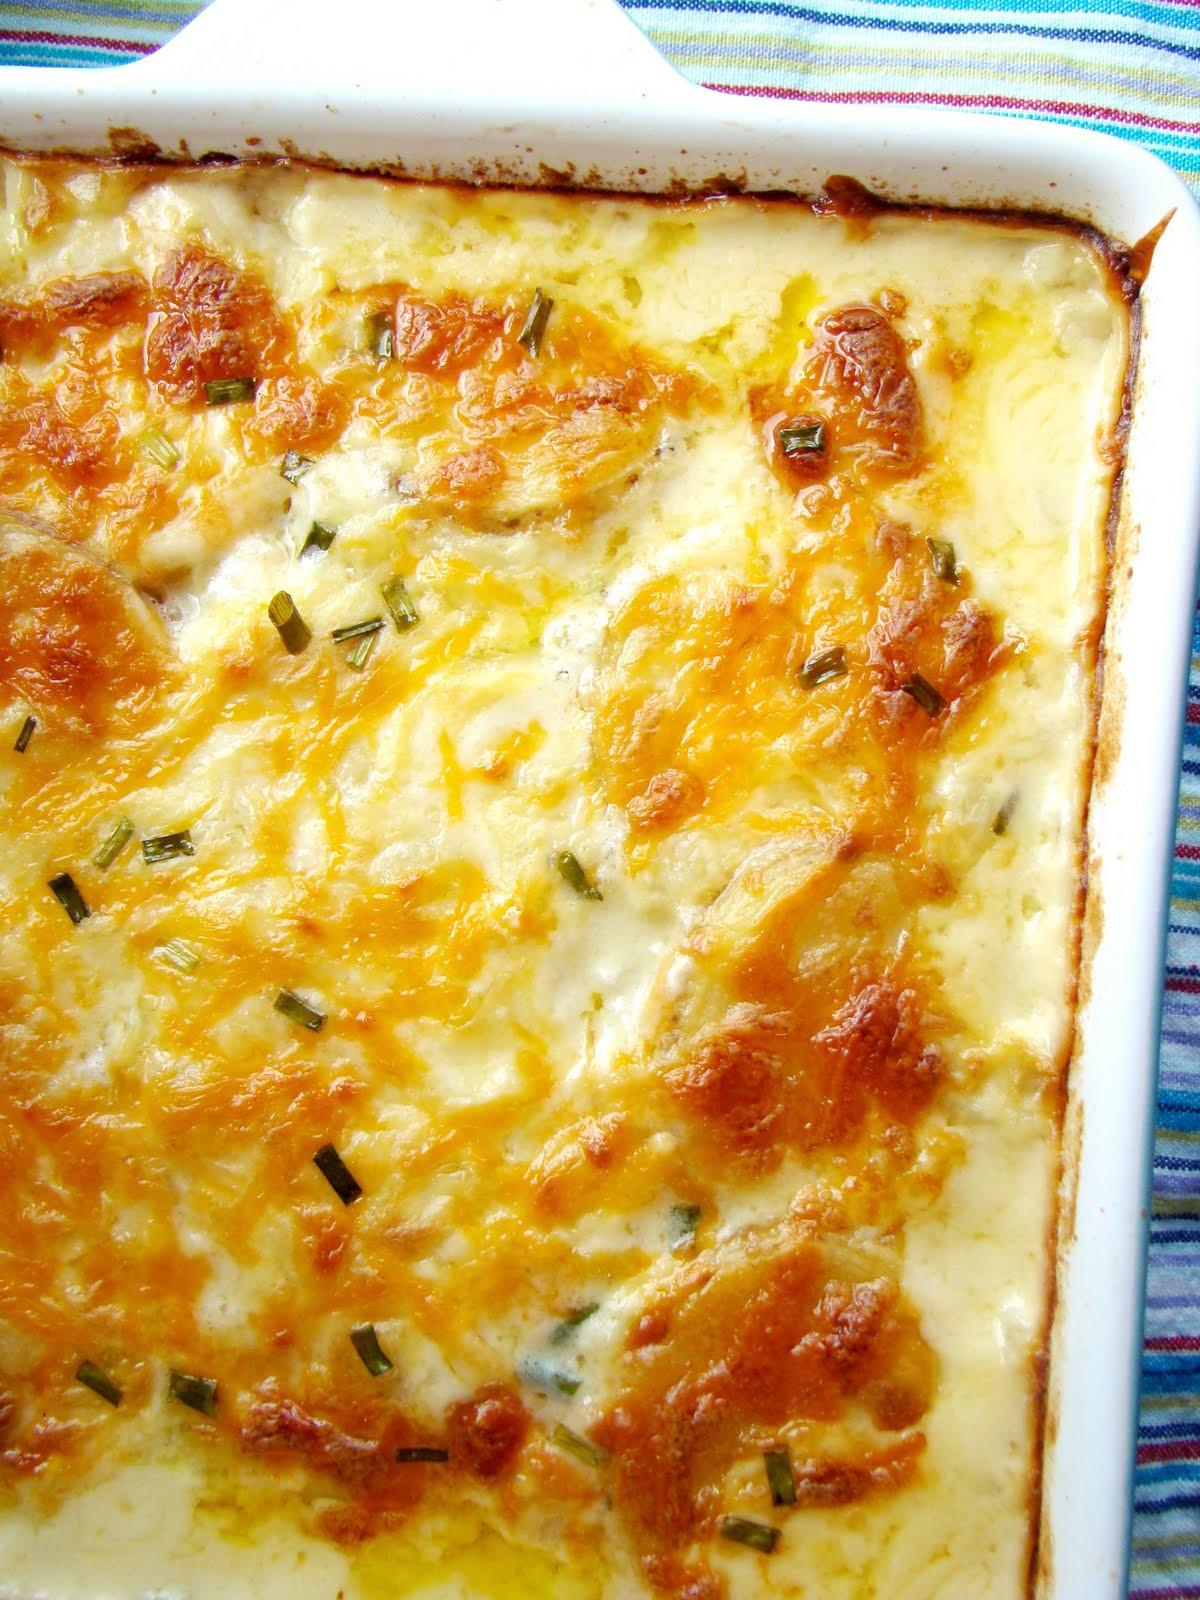 Cheesy Scalloped Potatoes Recipe  Family Feedbag Cheesy scalloped potatoes